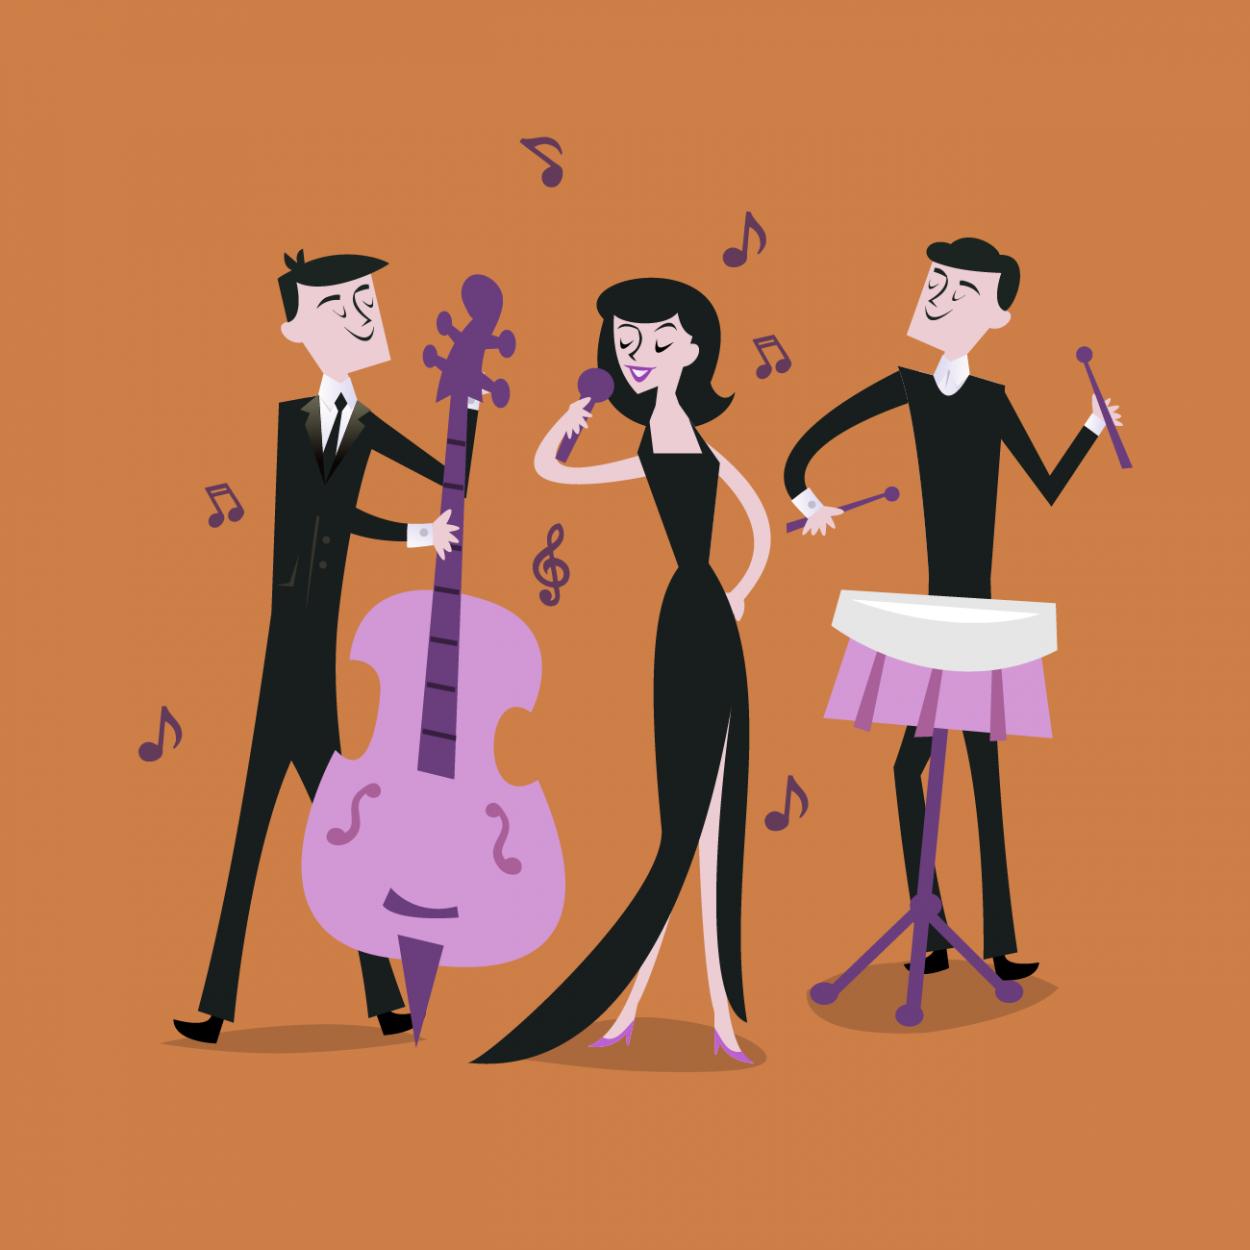 Иллюстрация к анекдоту про нового русского и джаз